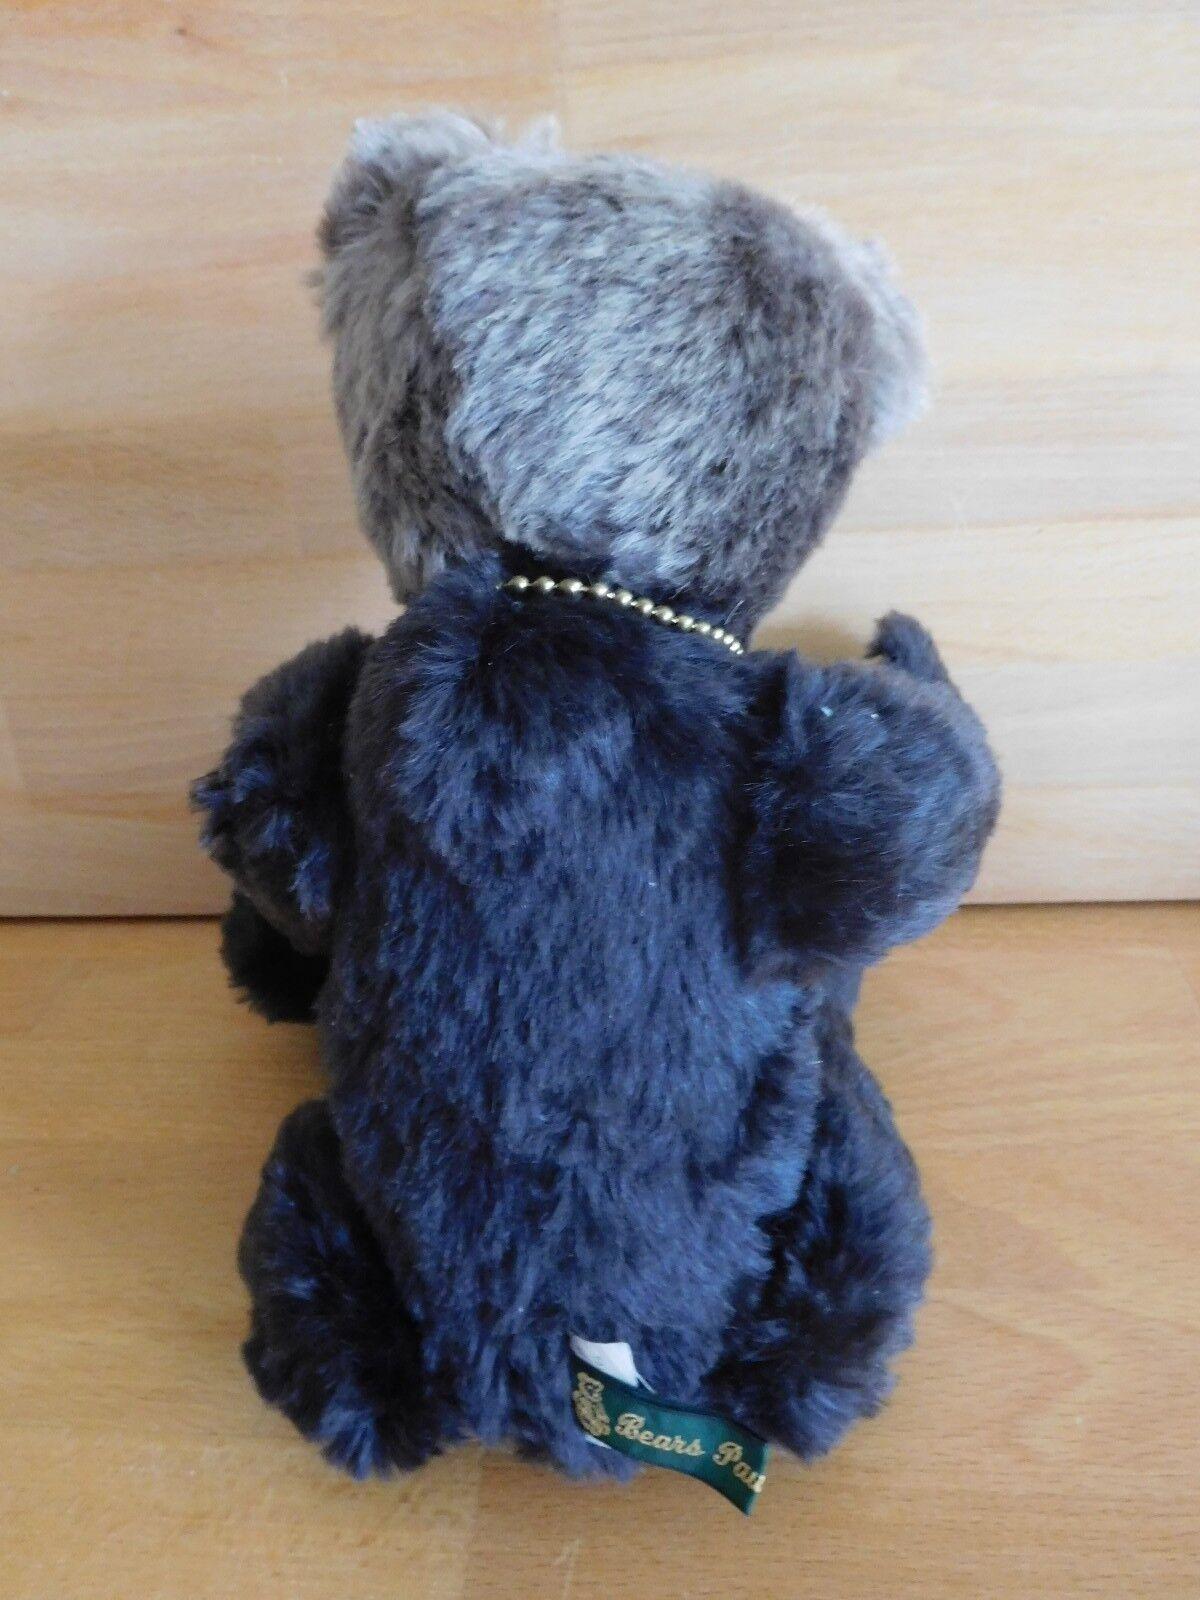 Bear Paws Collectables Noir Teddy Bear Limited Edition 612 612 6